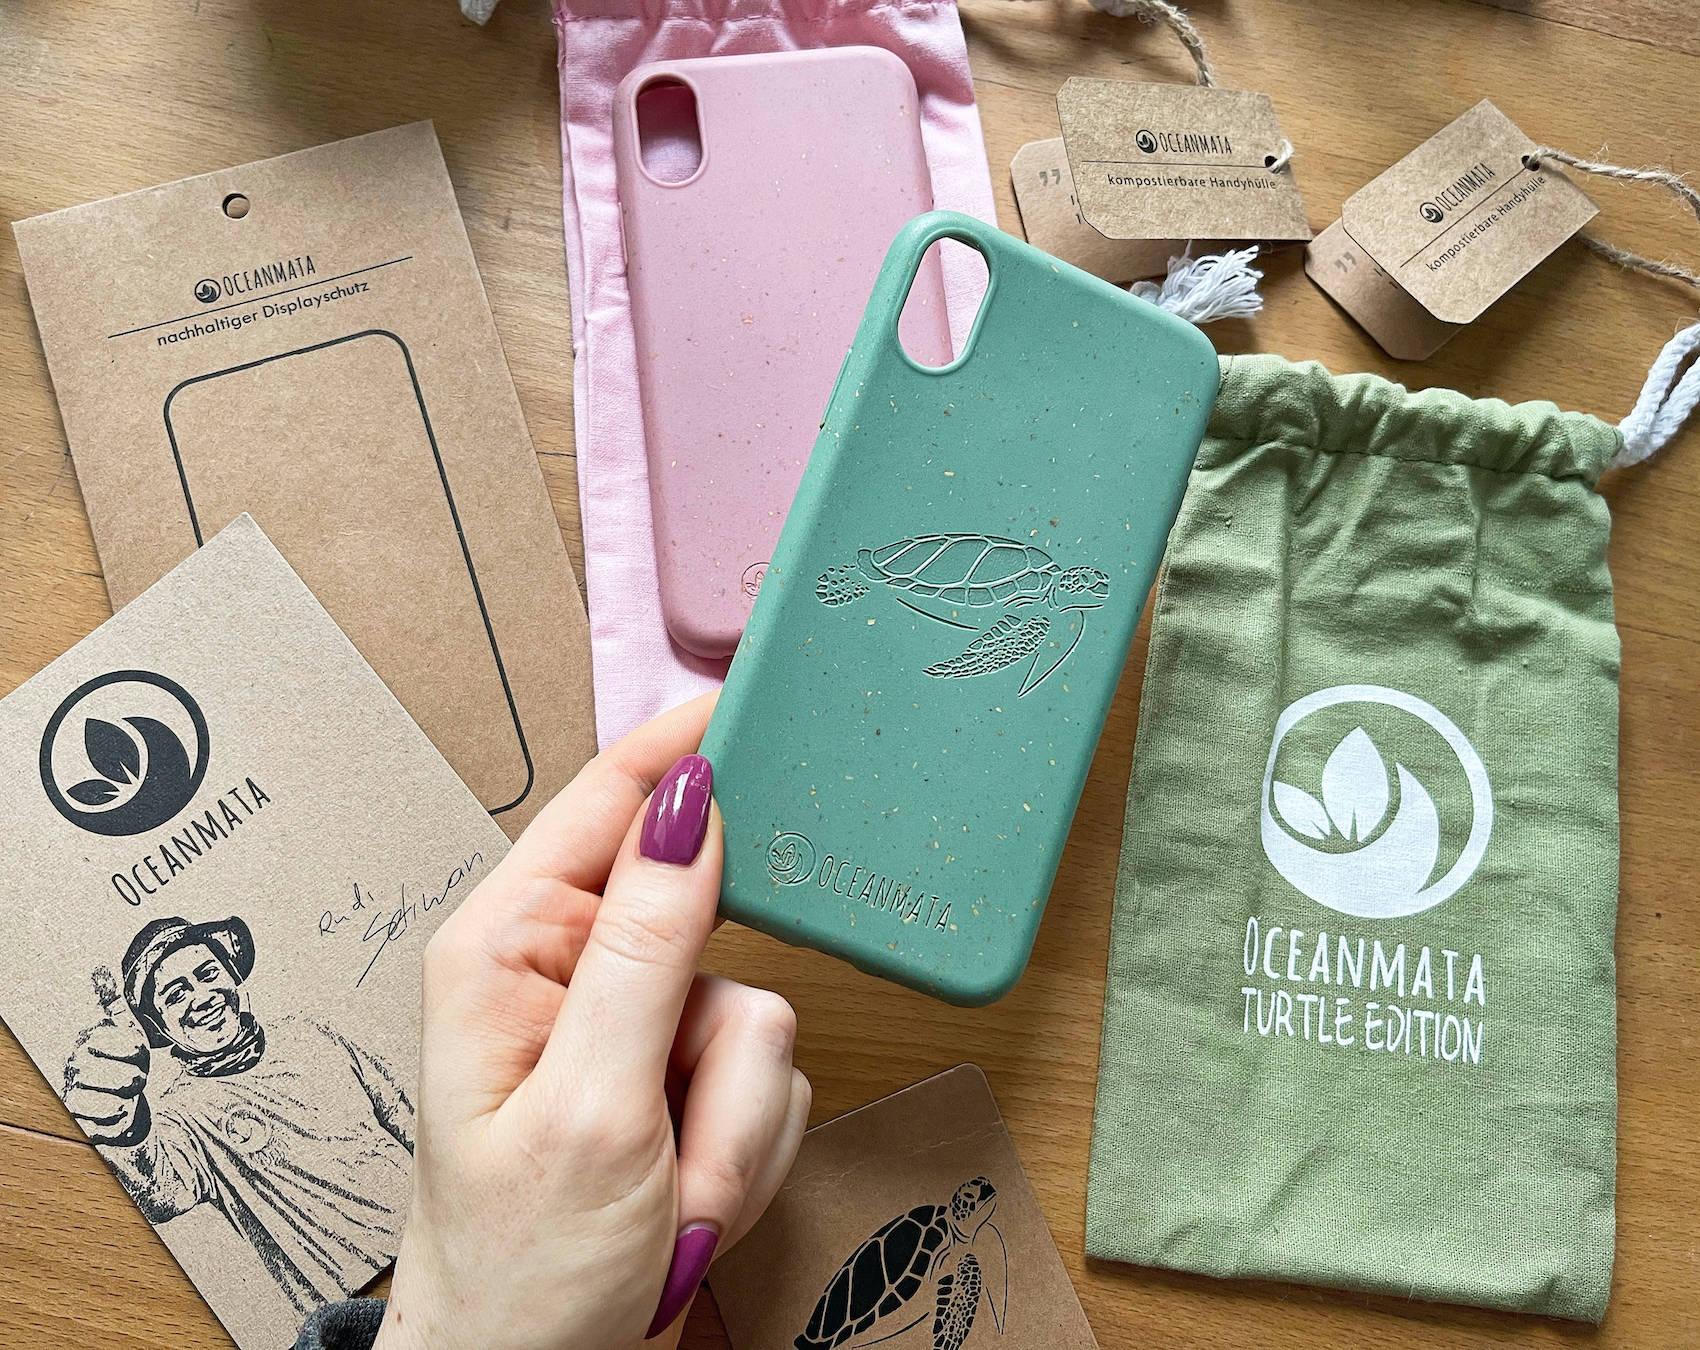 OceanMata biologische iphone Hülle TURTLE LIMITED EDITION DRUCK türkis Handyhülle ohne Plastik recycelt biologisch abbaubar